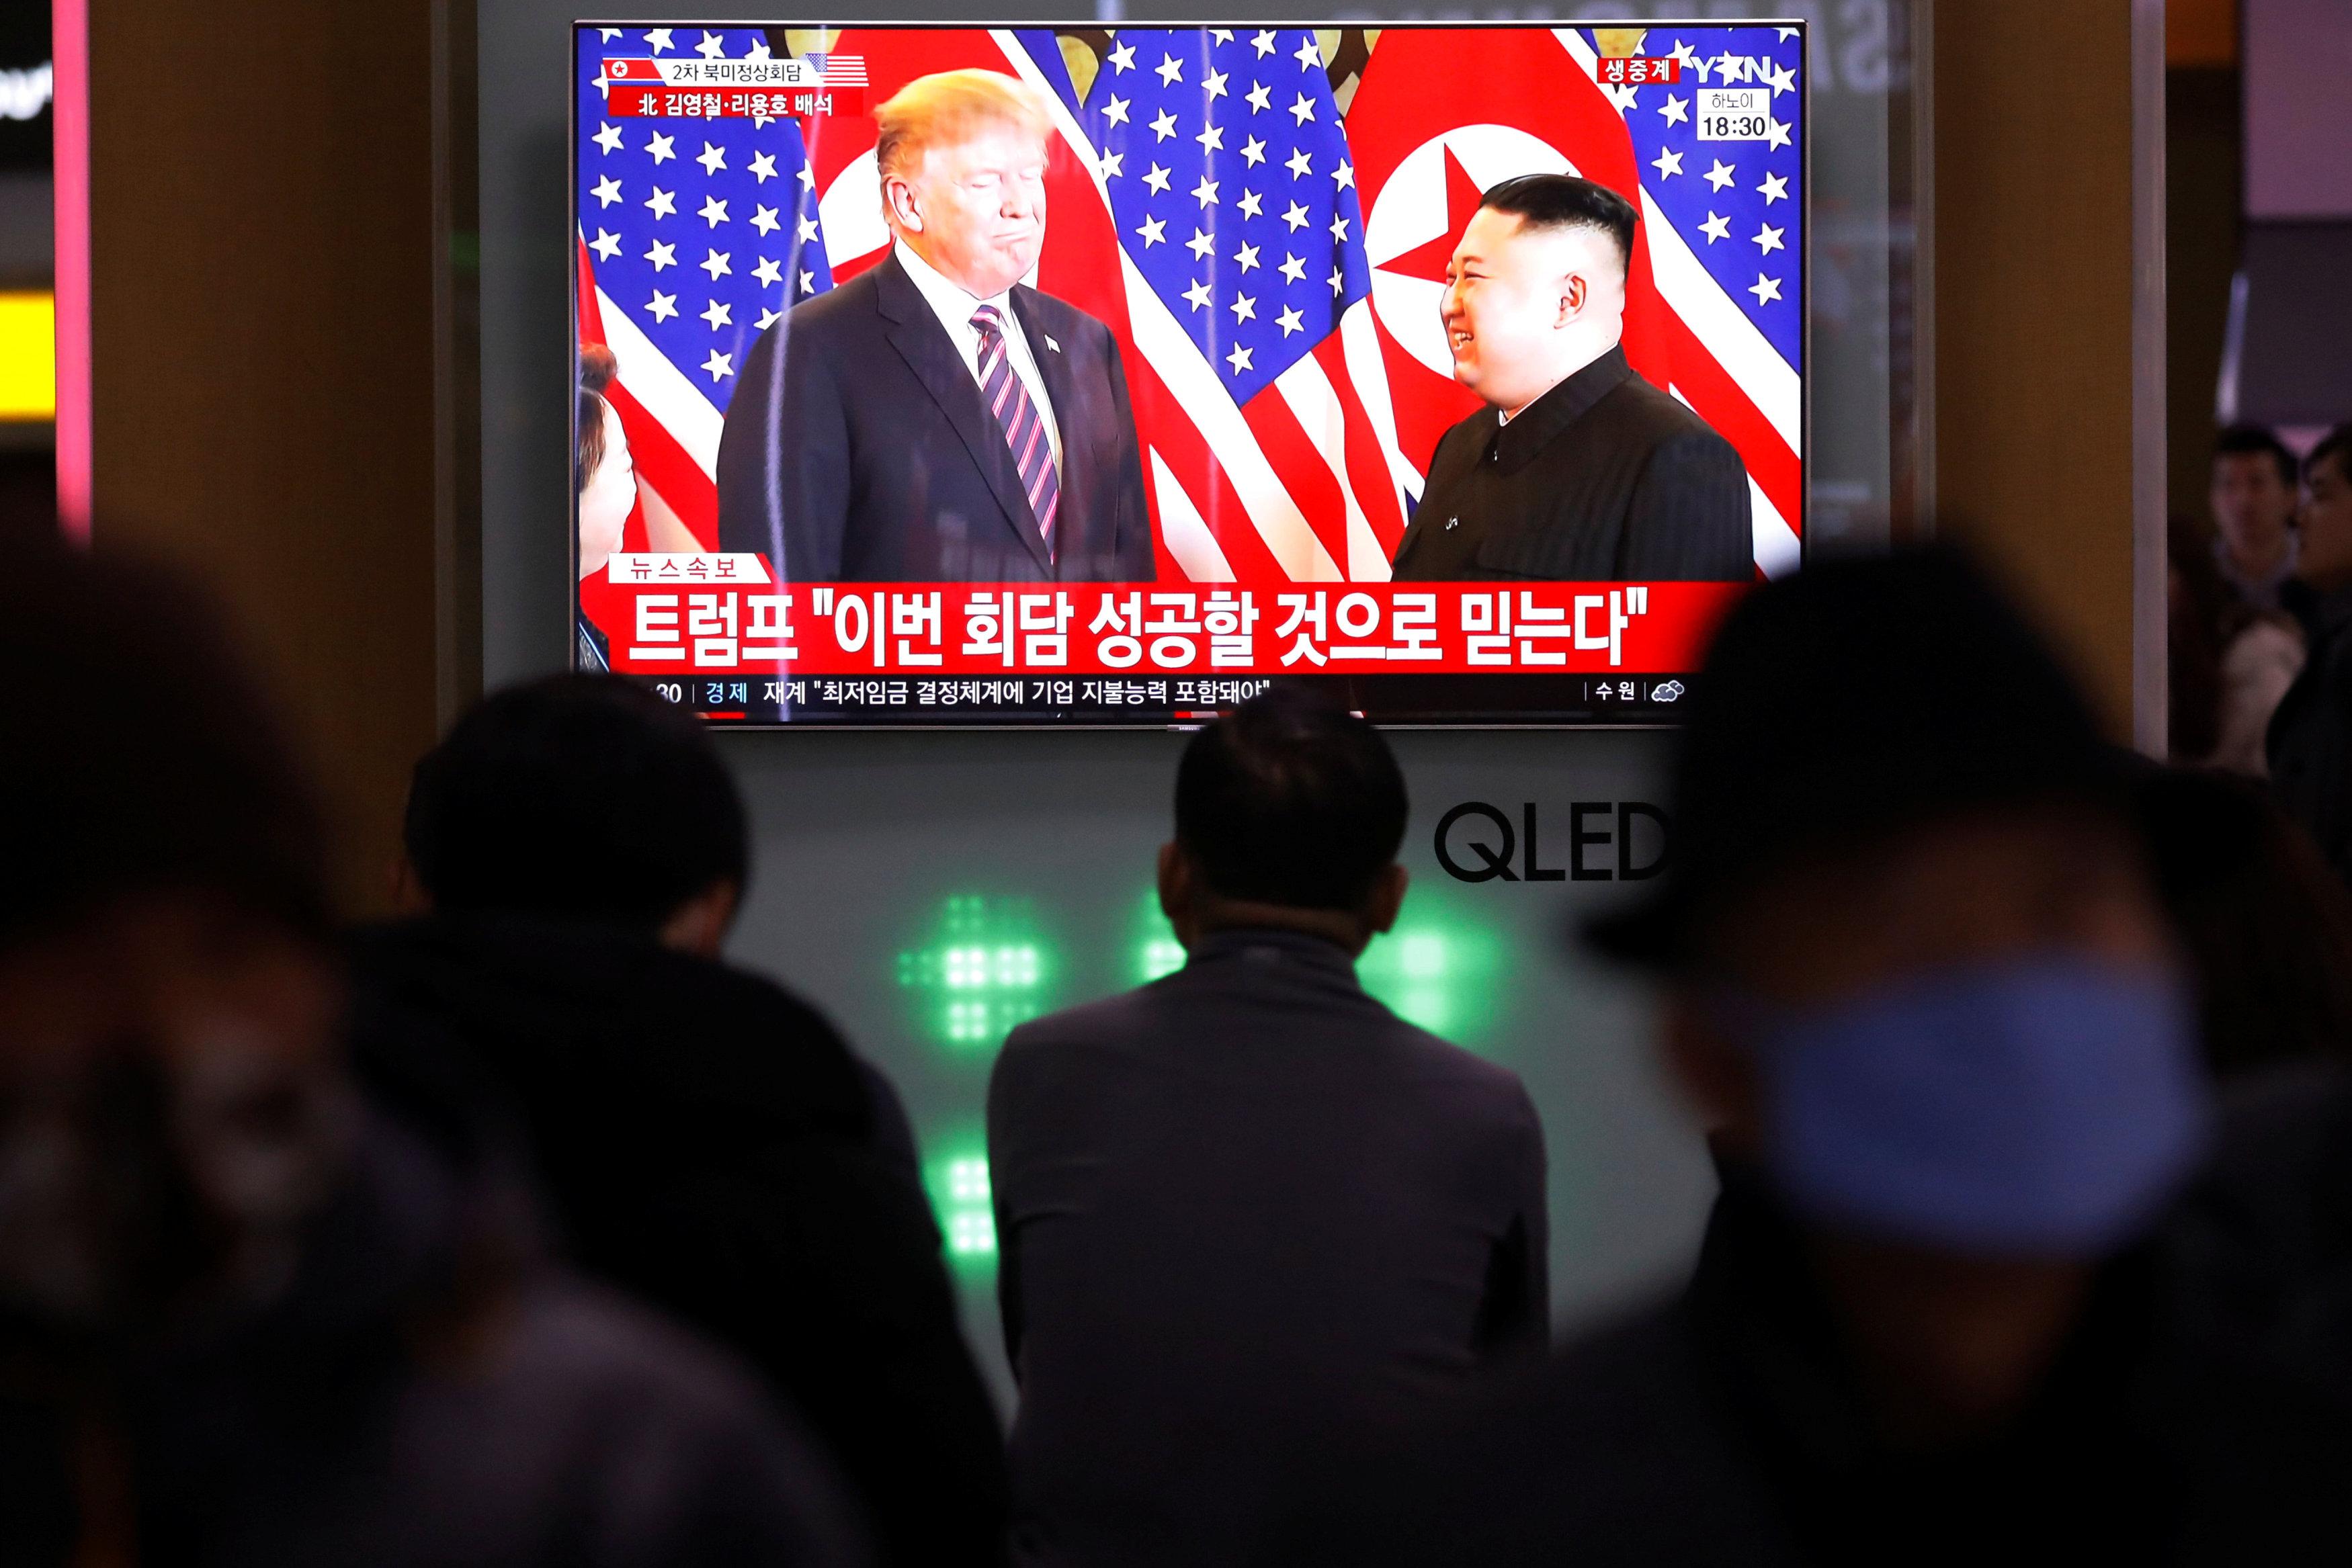 مواطنون فيتناميون يحتشدون لمتابعة القمة الأمريكية الكورية فى الميادين والشوارع